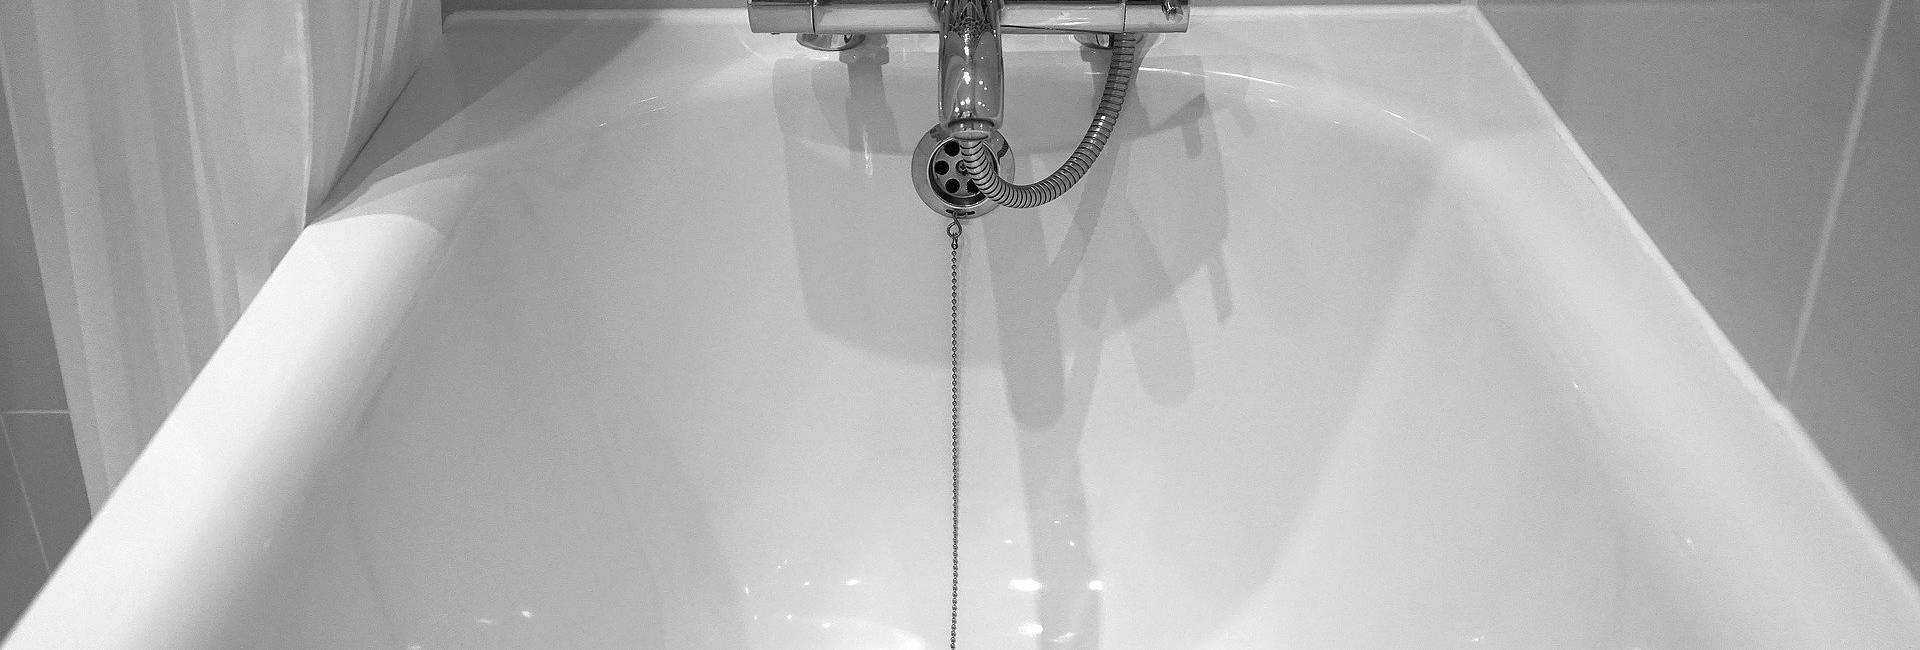 Rénovation de baignoire